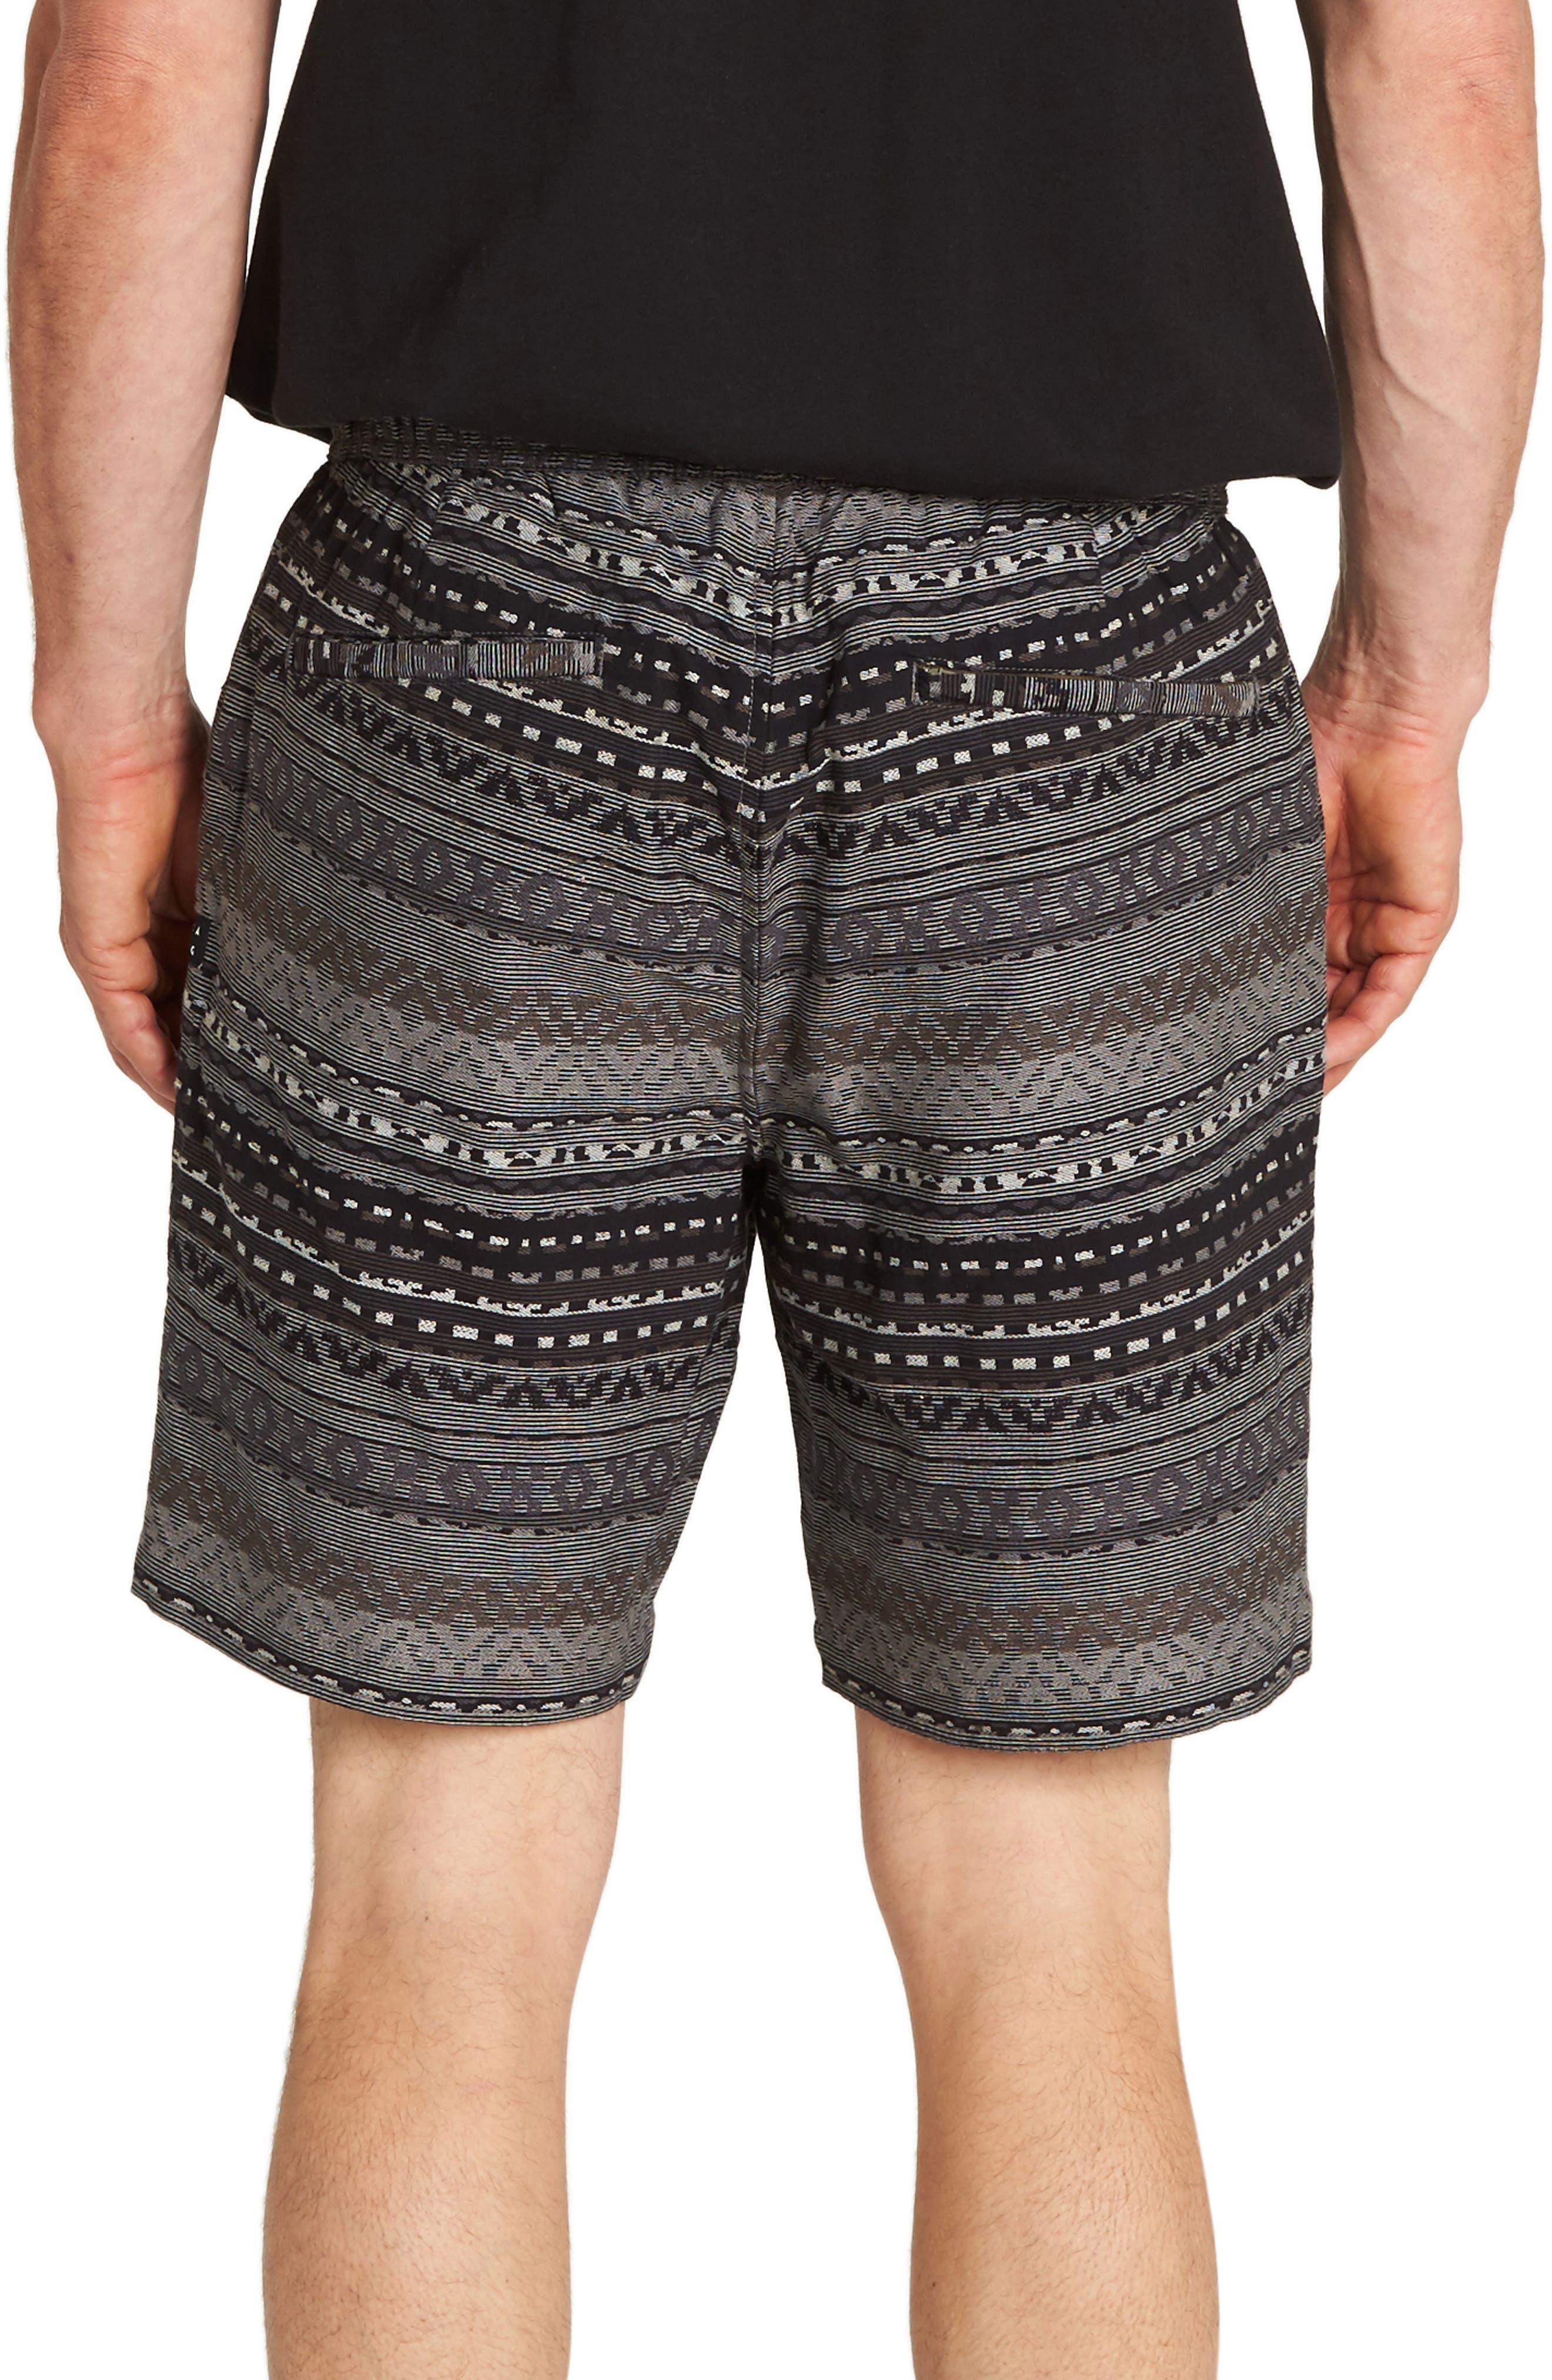 Larry Layback Jacquard Shorts,                             Alternate thumbnail 2, color,                             BLACK